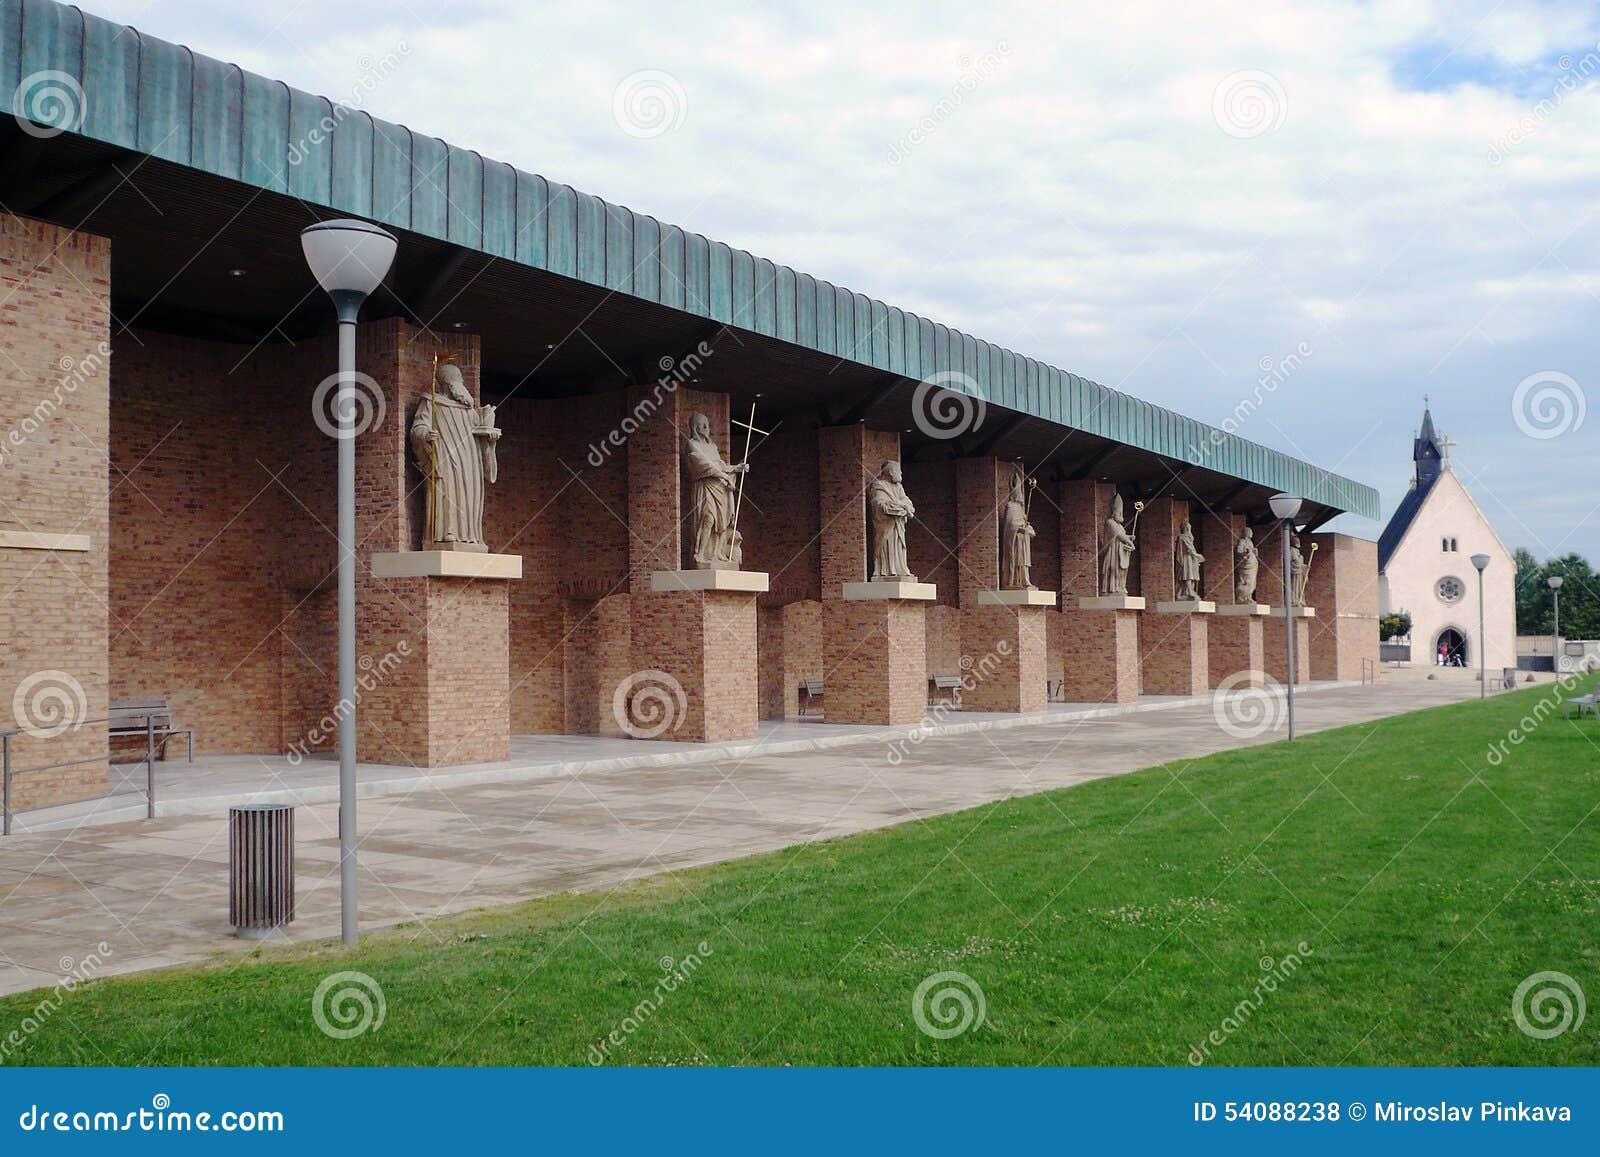 De plaats van de Velehradbedevaart, talrijke standbeelden van heiligen